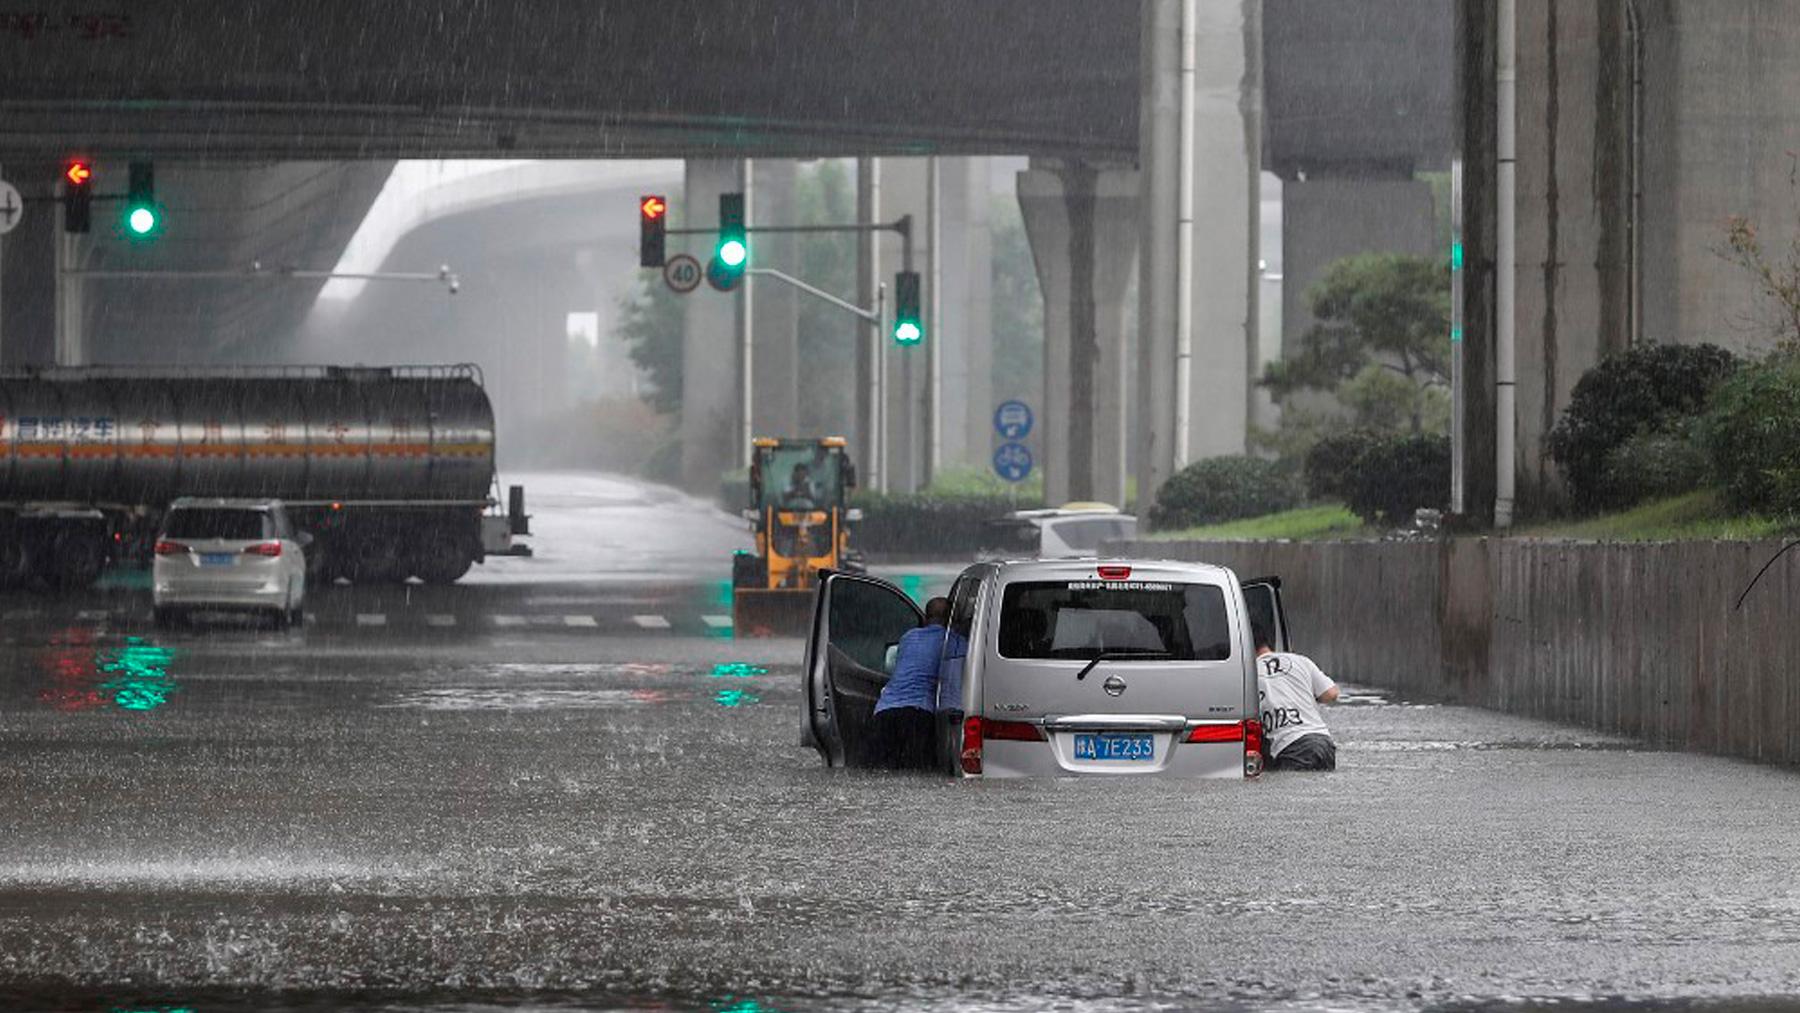 Dos personas tratan de sacar su coche de la inundación provocada por las lluvias en la provincia china de Henan. Foto: AFP